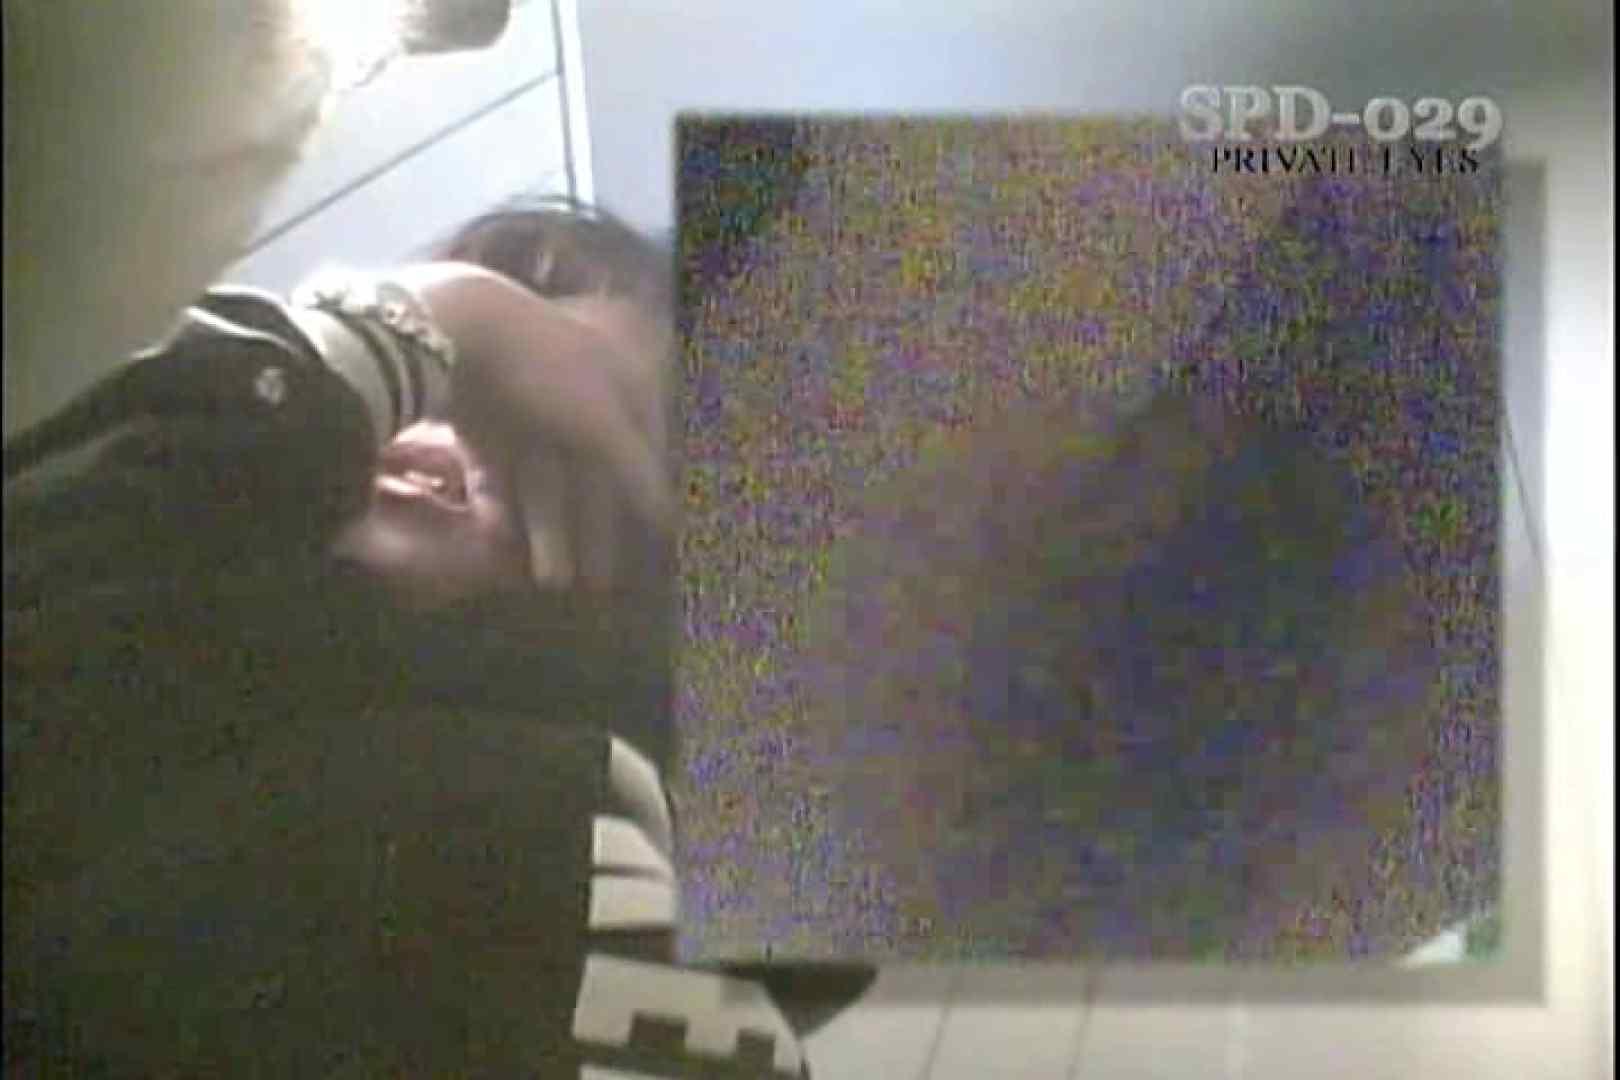 高画質版!SPD-029 和式厠 モリモリスペシャル 名作 盗撮ヌード画像 86画像 49